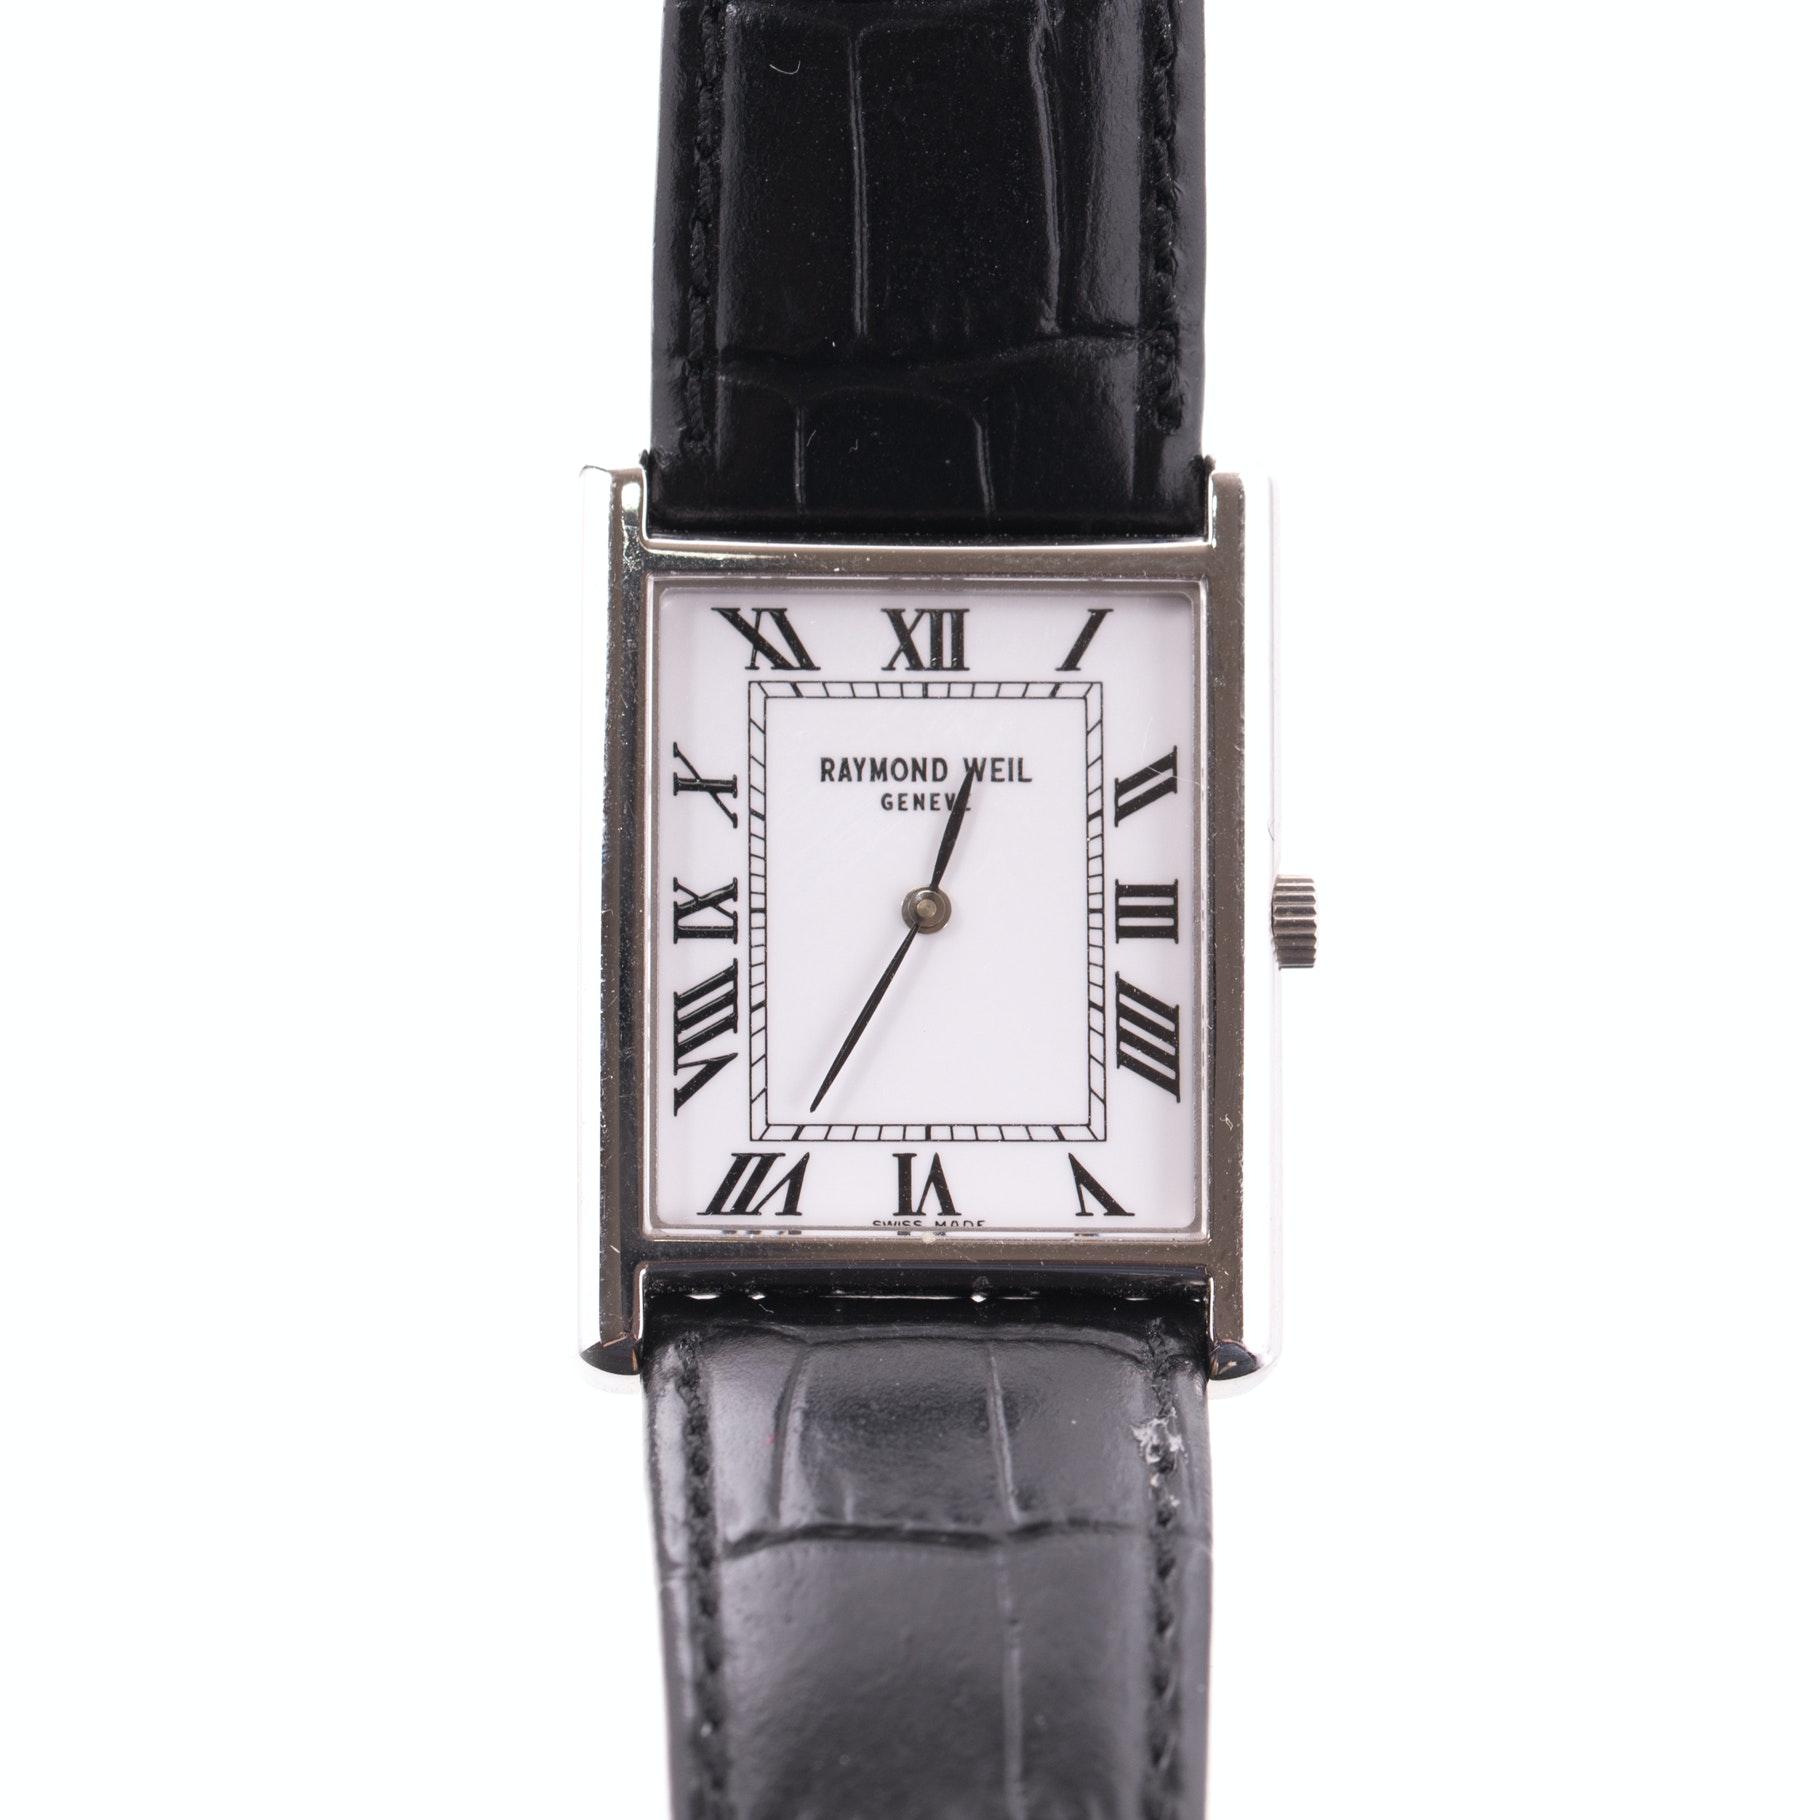 Raymond Weil Stainless Steel Wristwatch